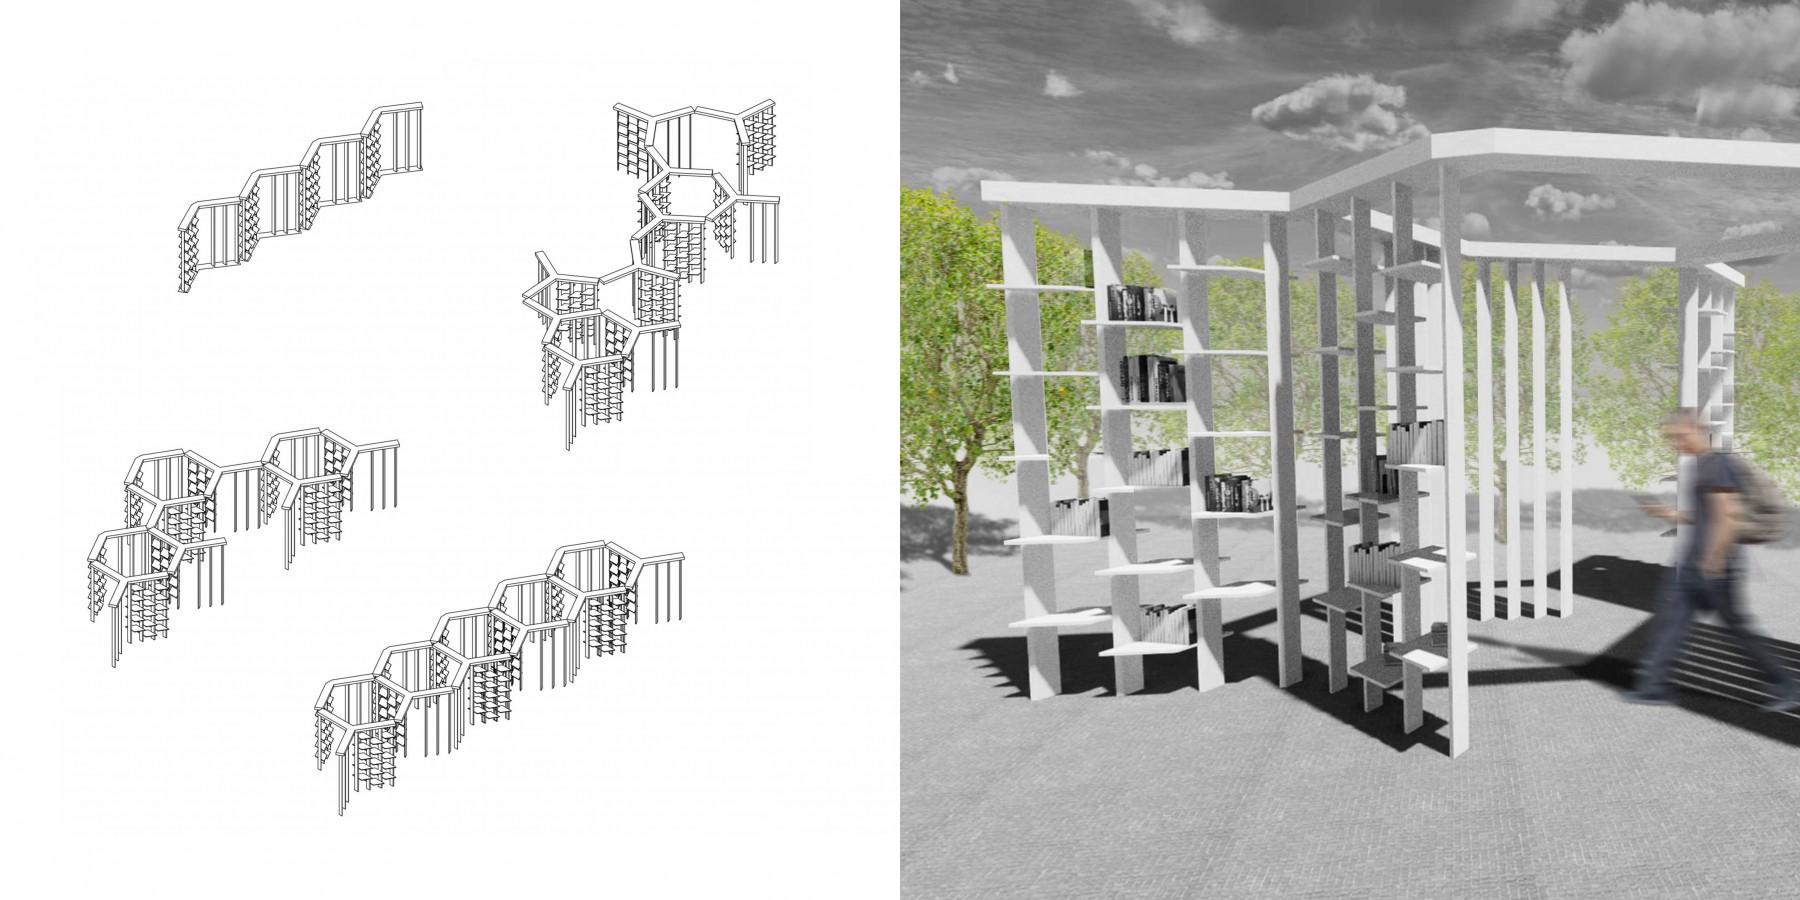 РЕЗУЛТАТИ Јавног, анкетног студентског конкурса за идејно решење мобилног павиљона / просторне инсталације